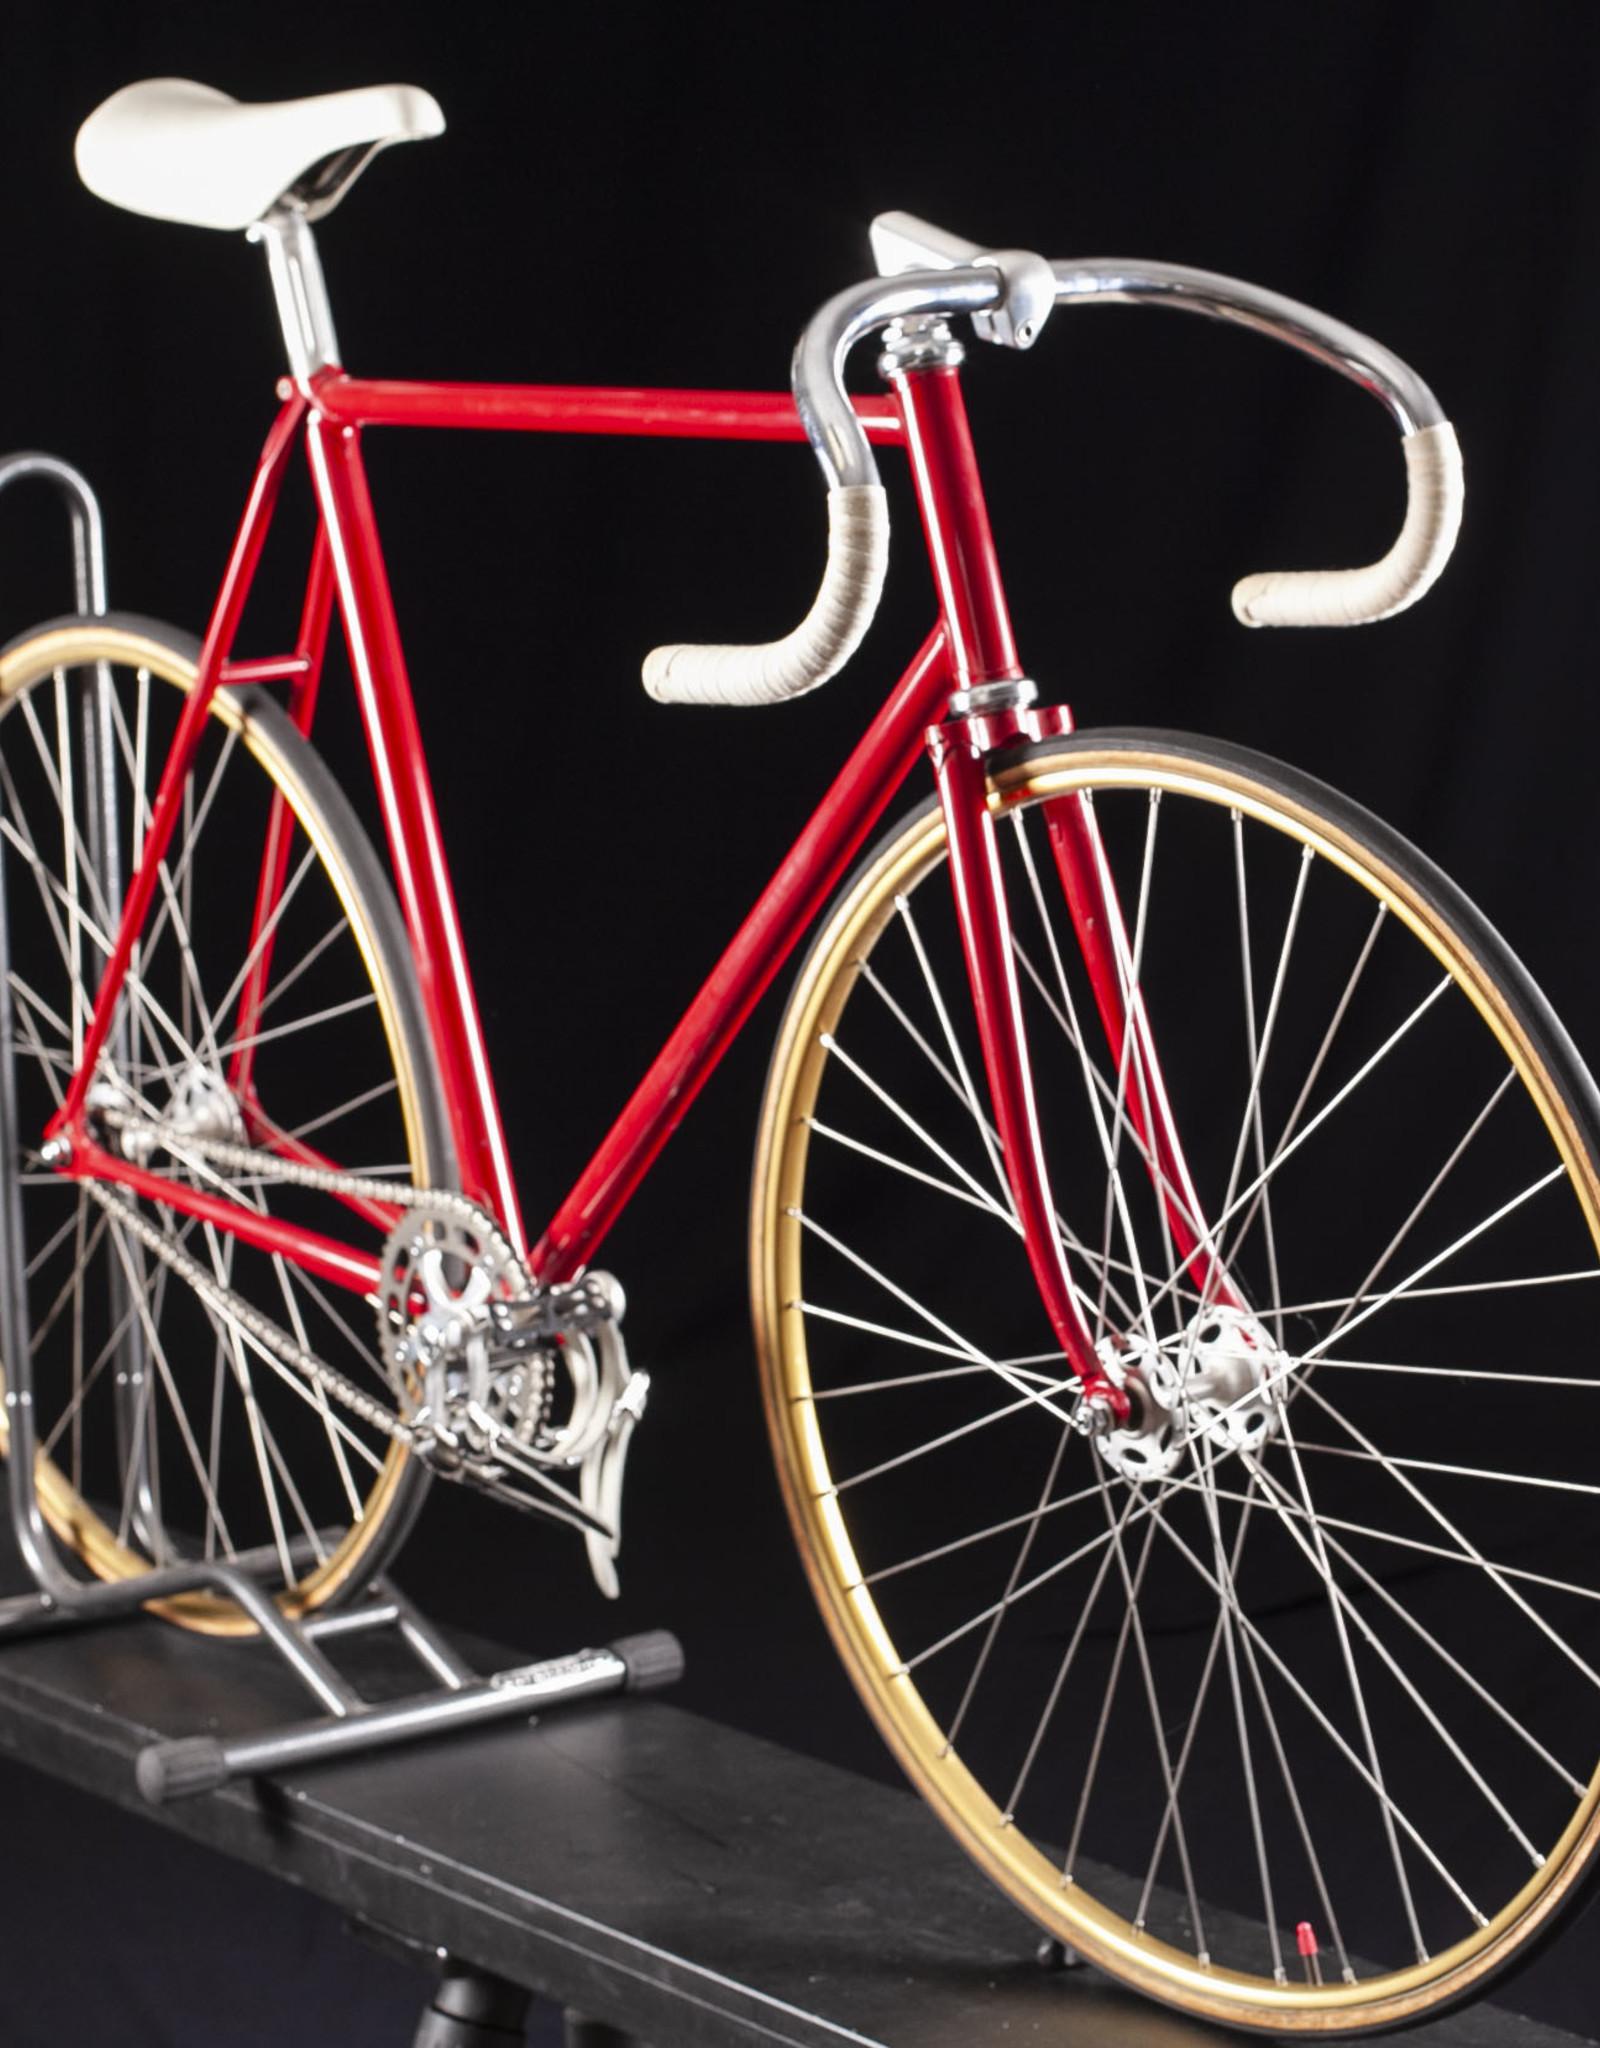 Rare Nasagawa NOS Shimano track bike, show bike, not ridden! Circa mid 70's